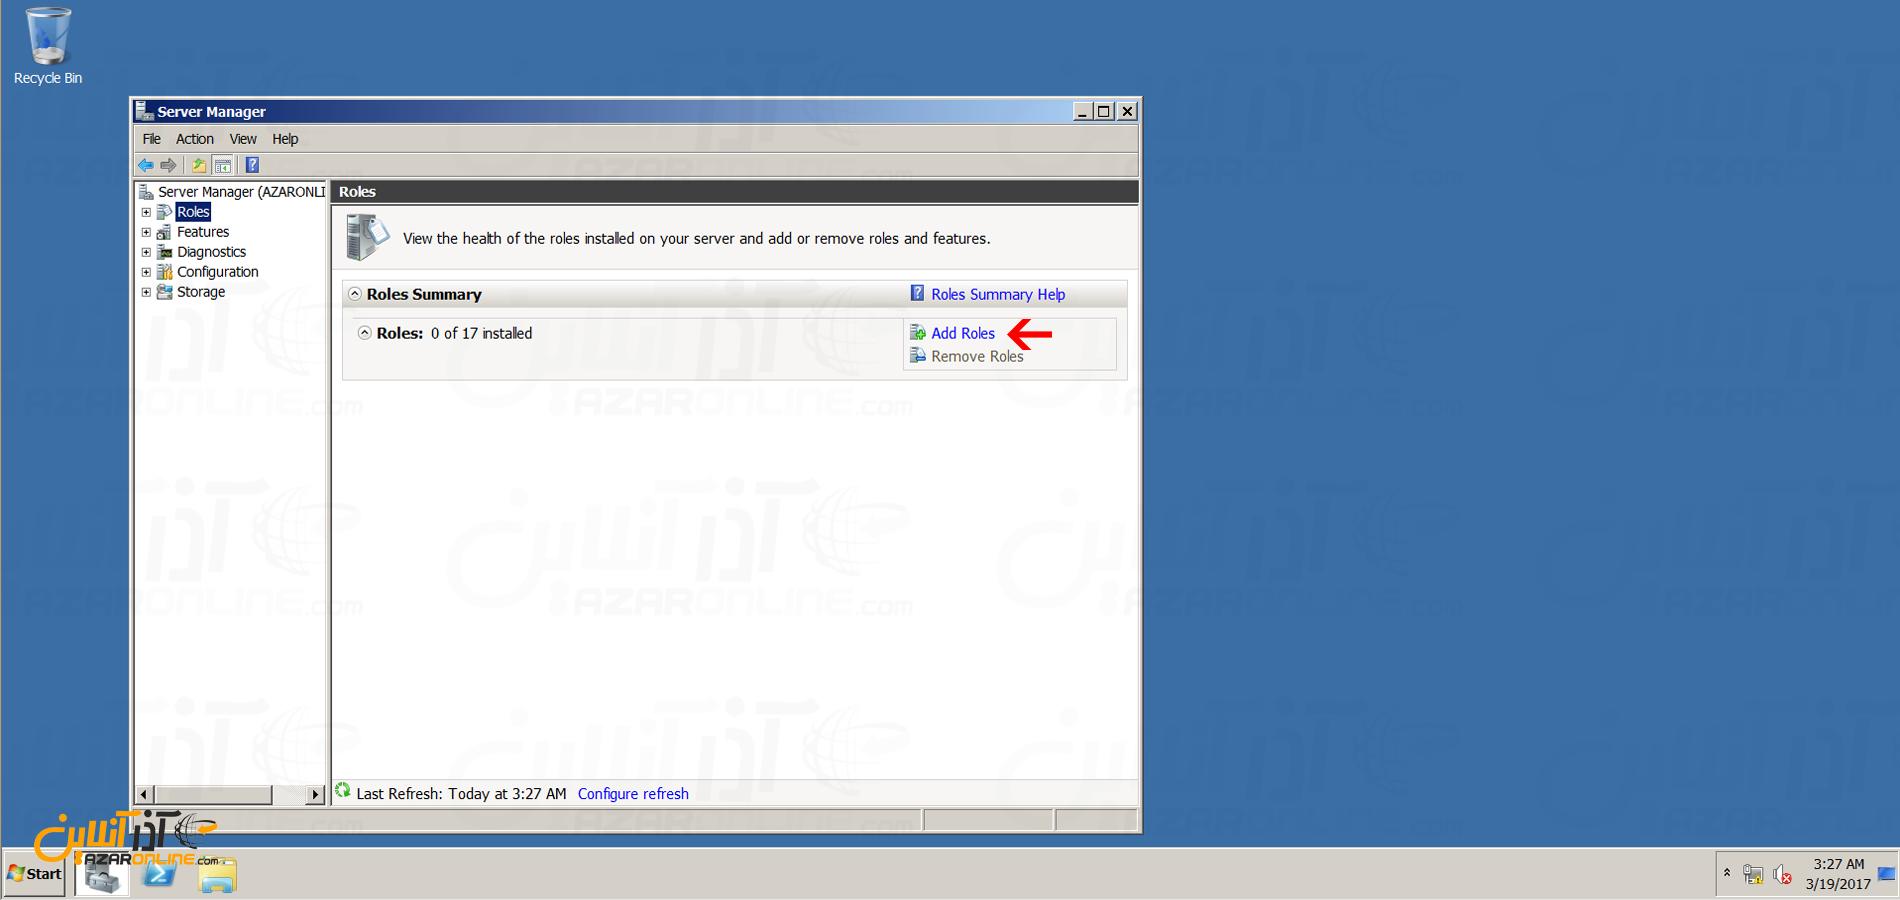 آموزش نصب iis در ویندوز 2008 - اضافه کردن رول